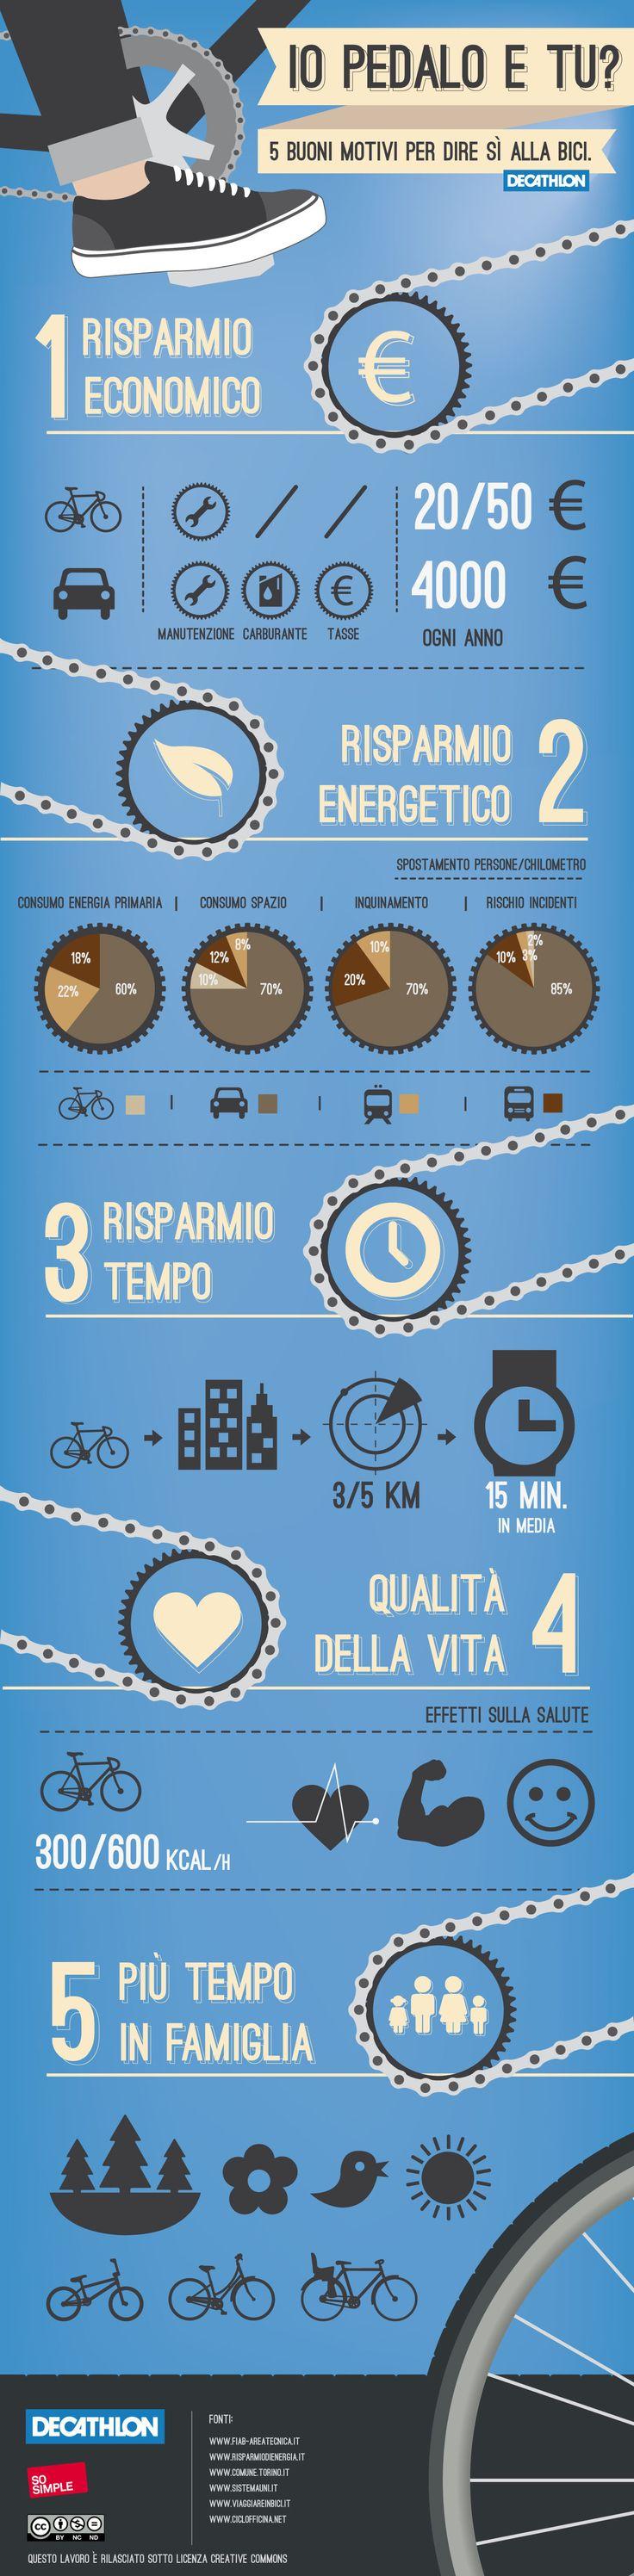 Perché scegliere di andare in bicicletta.